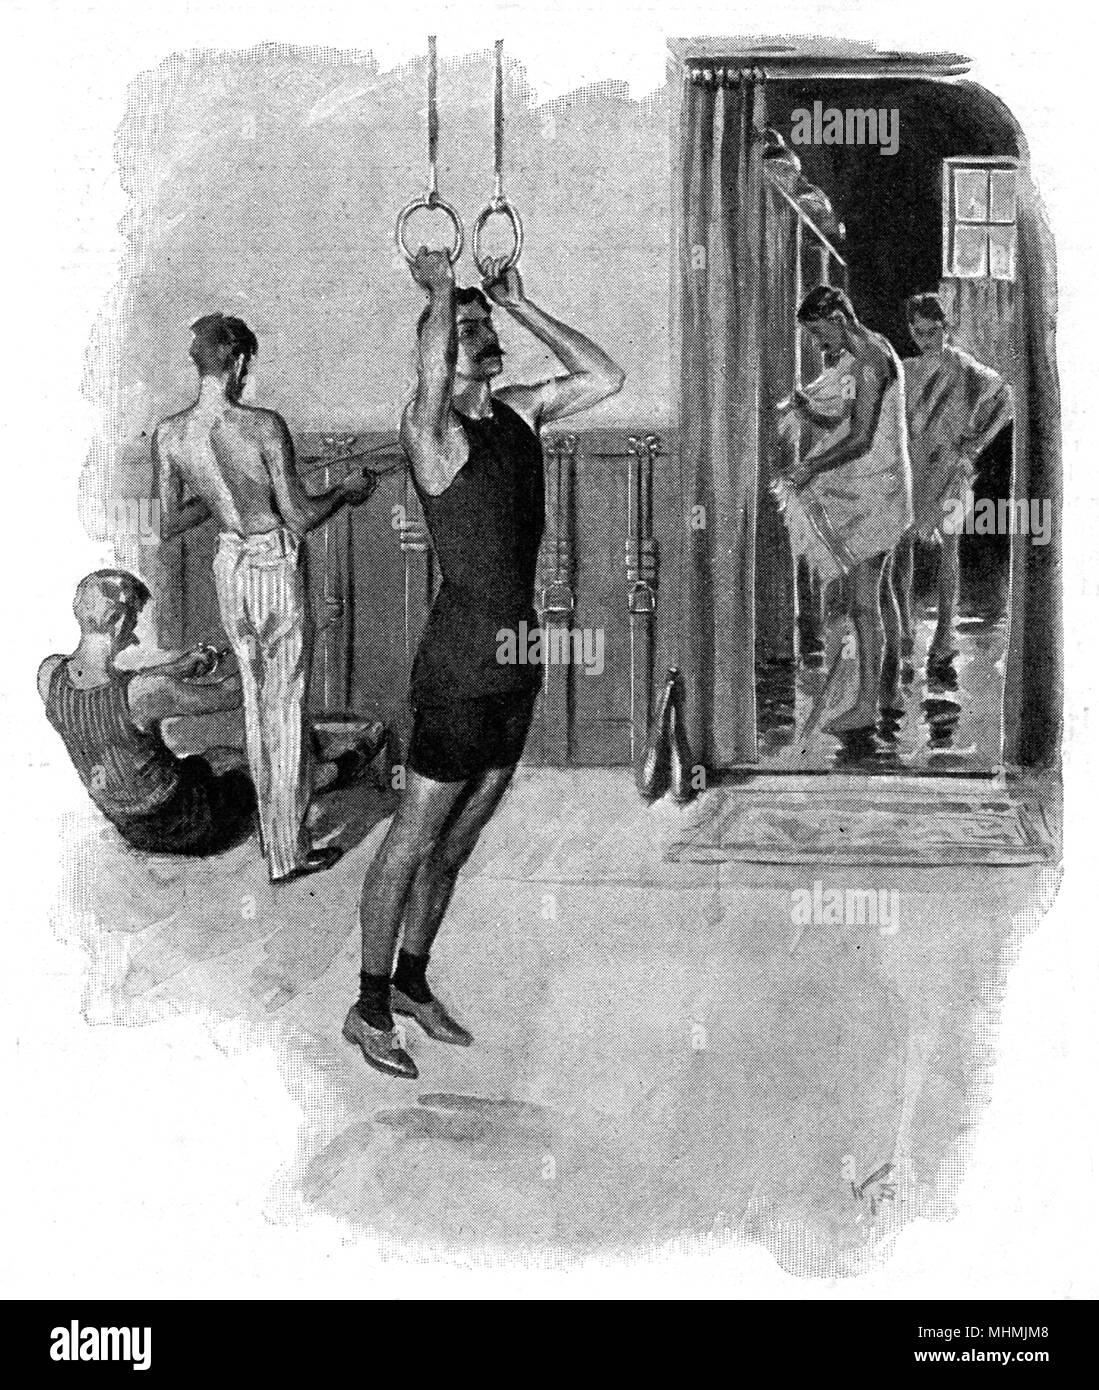 Ein gentleman Übungen an den Ringen, andere Körper - im Hintergrund Datum build: 1901 Stockbild